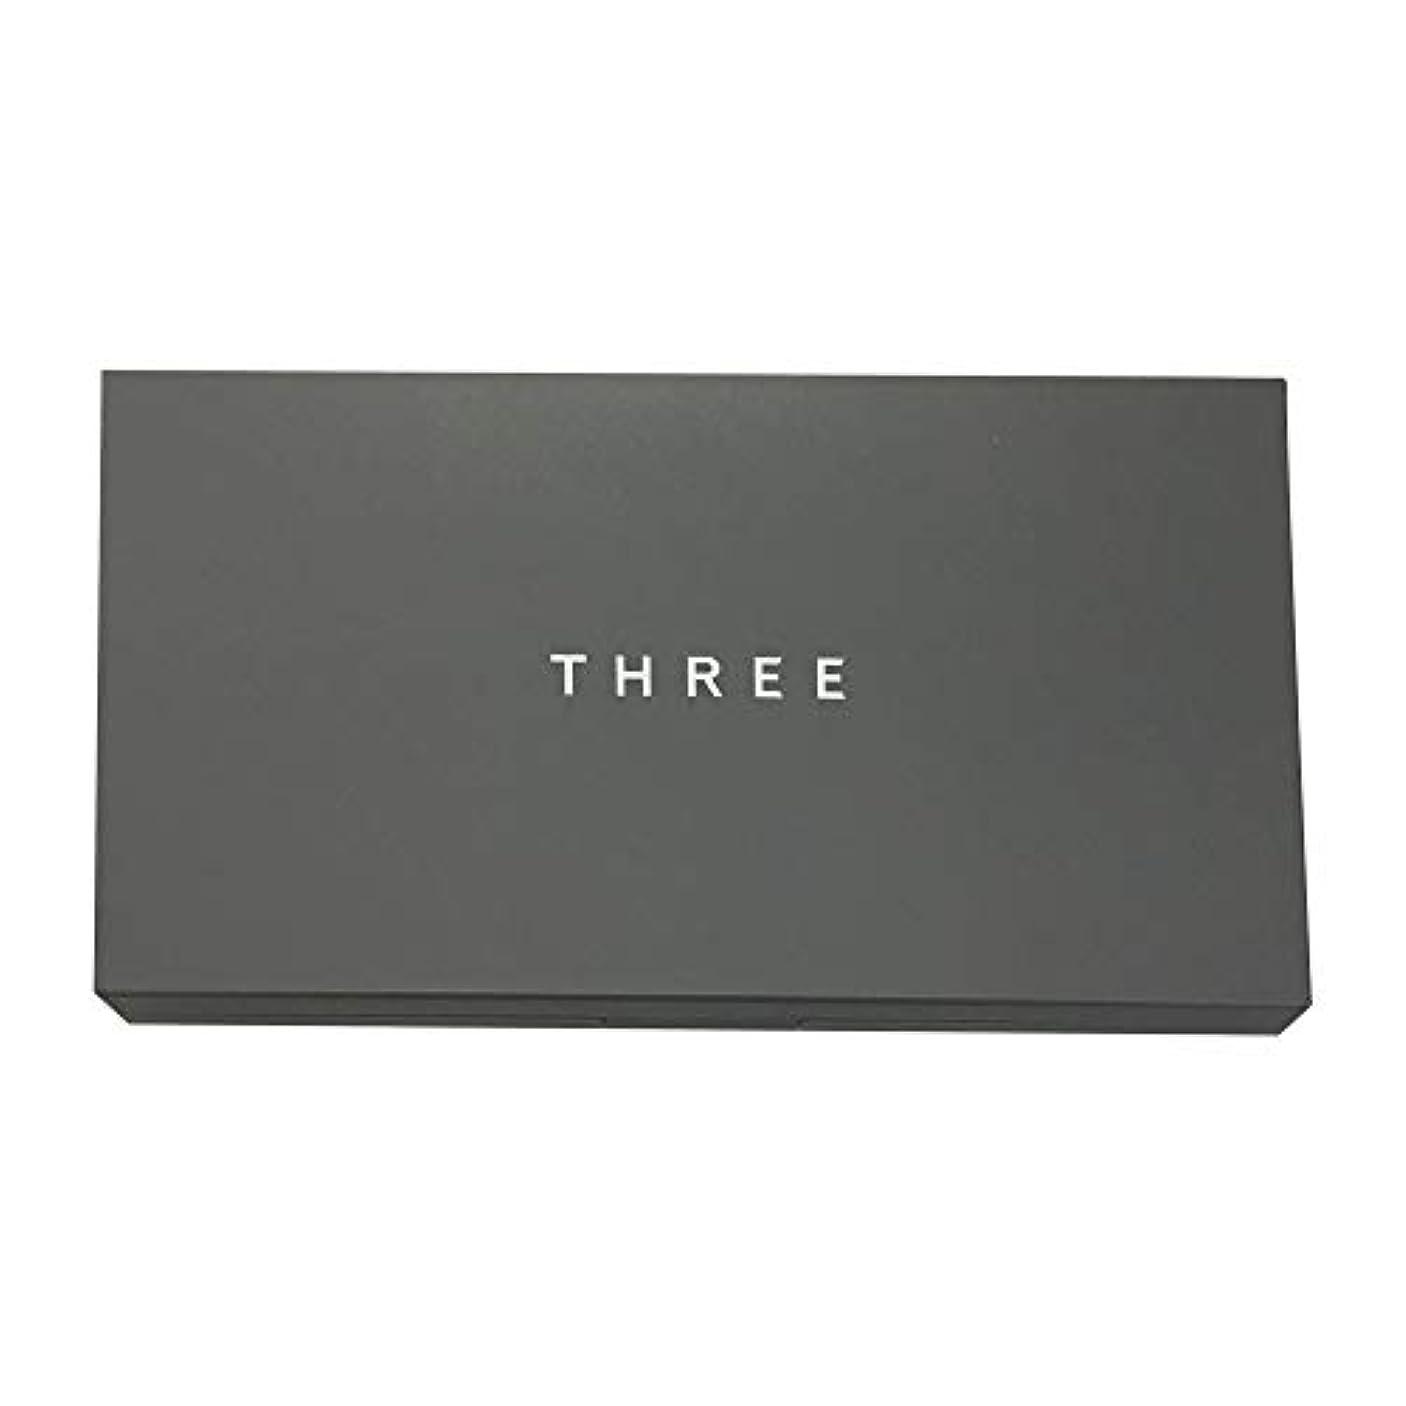 六針自分のためにTHREE(スリー) プリスティーンコンプレクションパウダーファンデーション ケース [ ケース ] [並行輸入品]